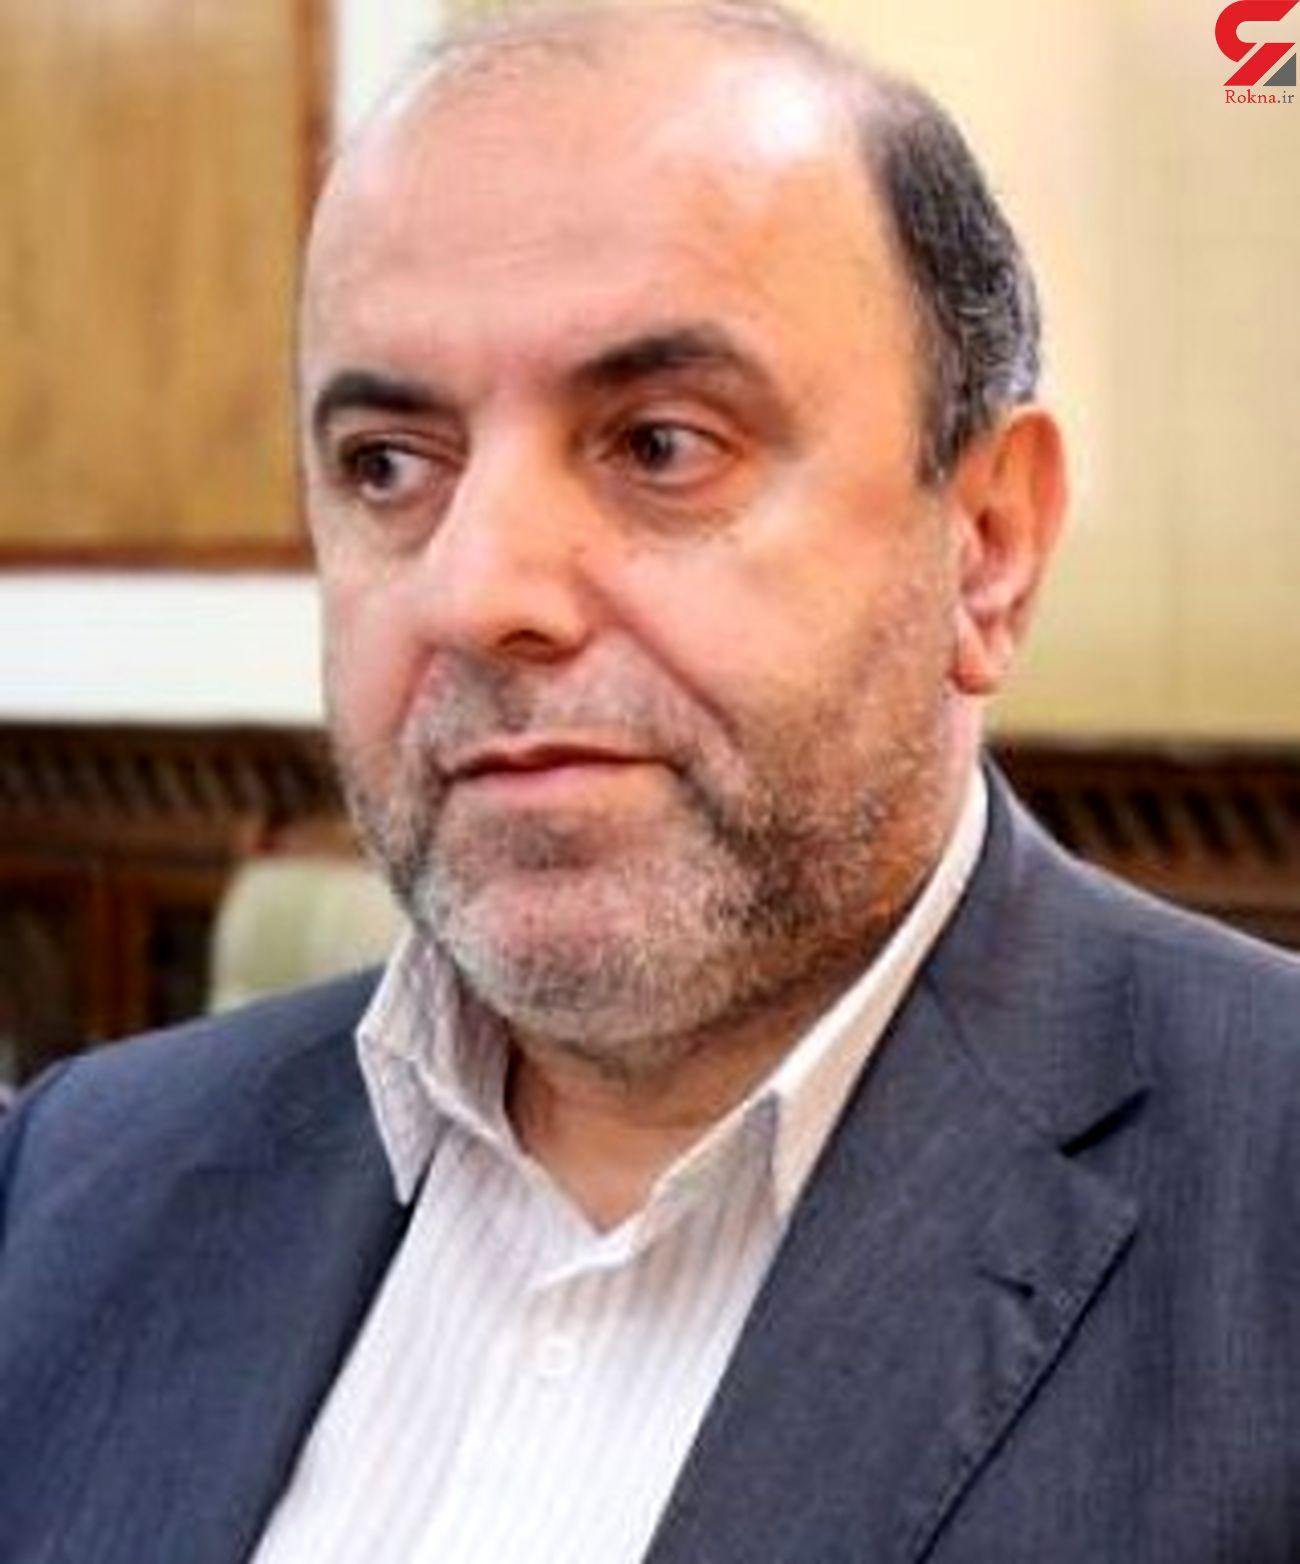 مازندران رتبه برتر کشور در بهبود فضای کسب و کار